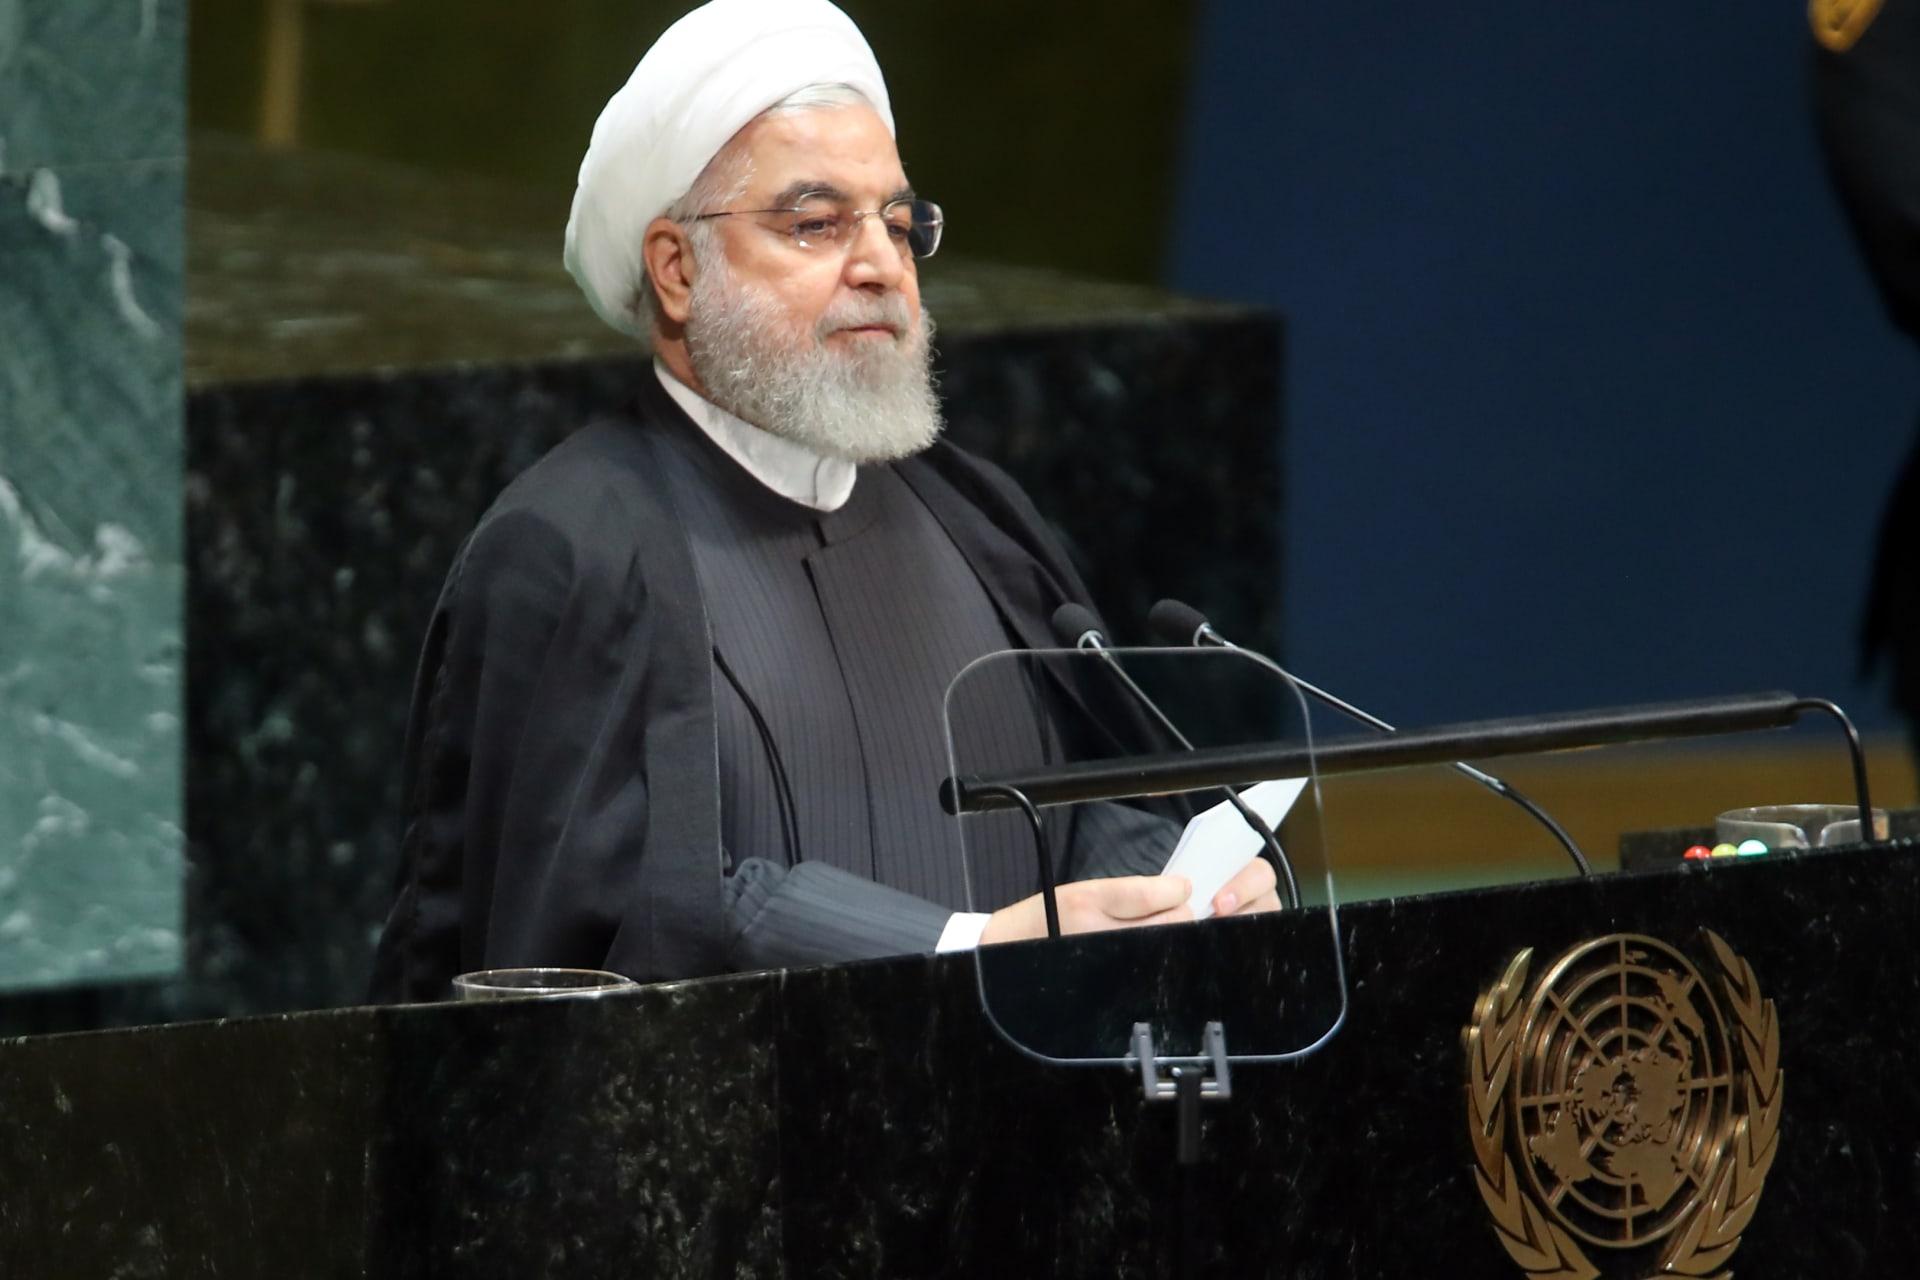 روحاني لمن يتهمون إيران بالهجوم على أرمكو: قدموا أدلة.. واليمنيون لهم حق الدفاع عن النفس